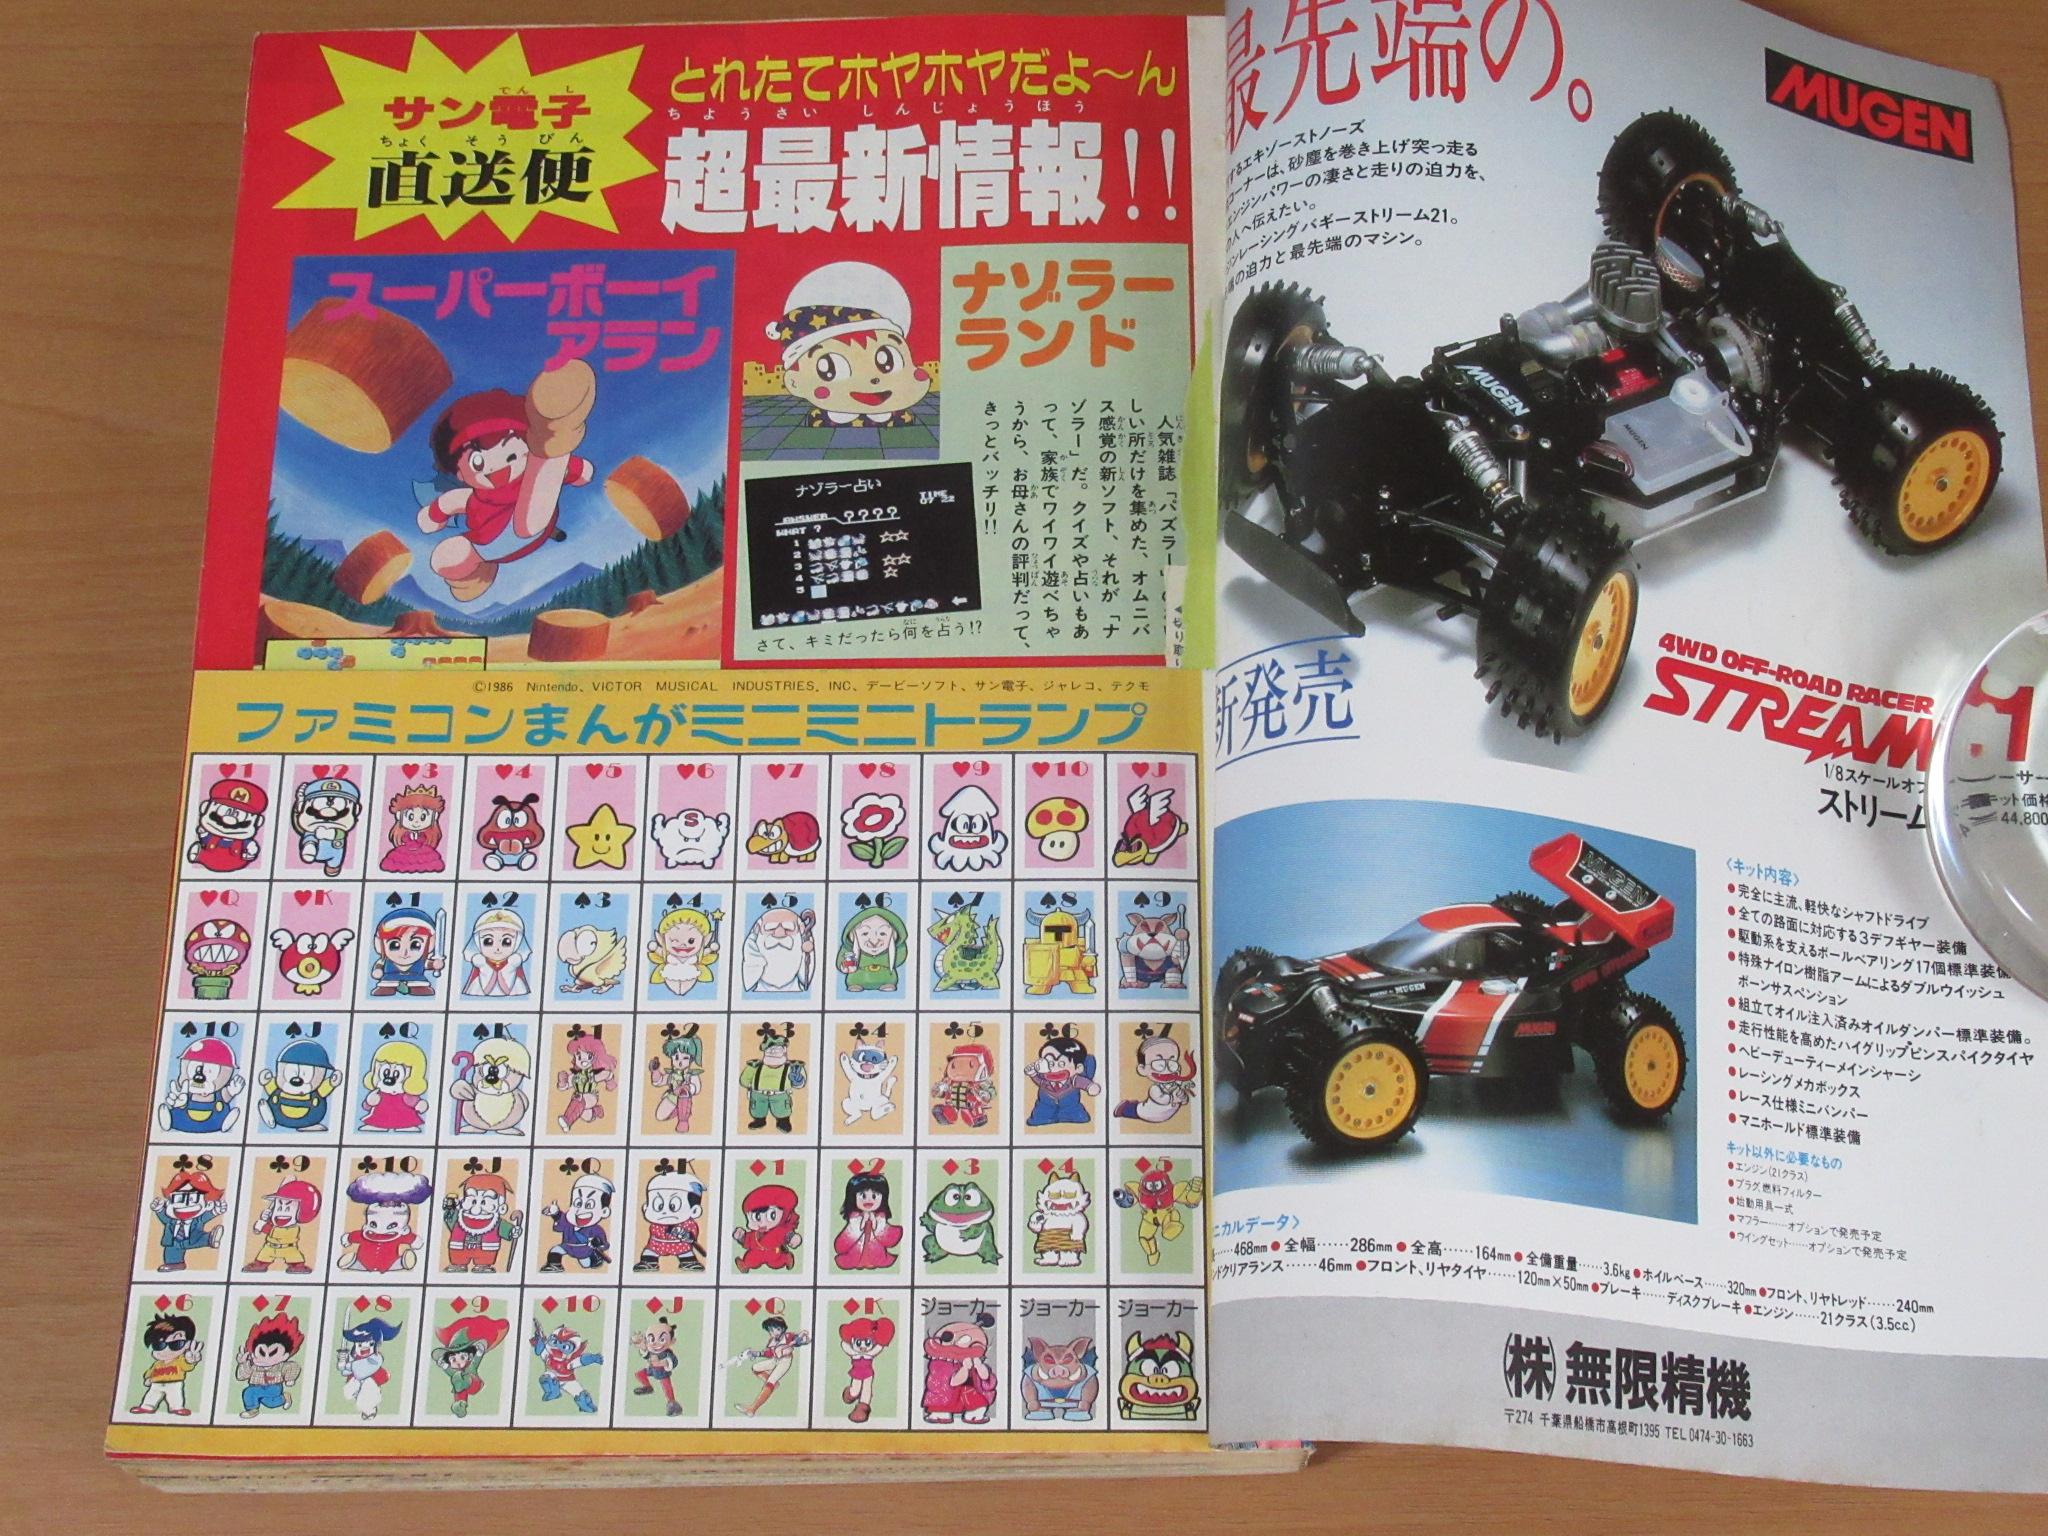 1987年2月号 昭和62年 ファミコンミニミニトランプ わんぱっく買取